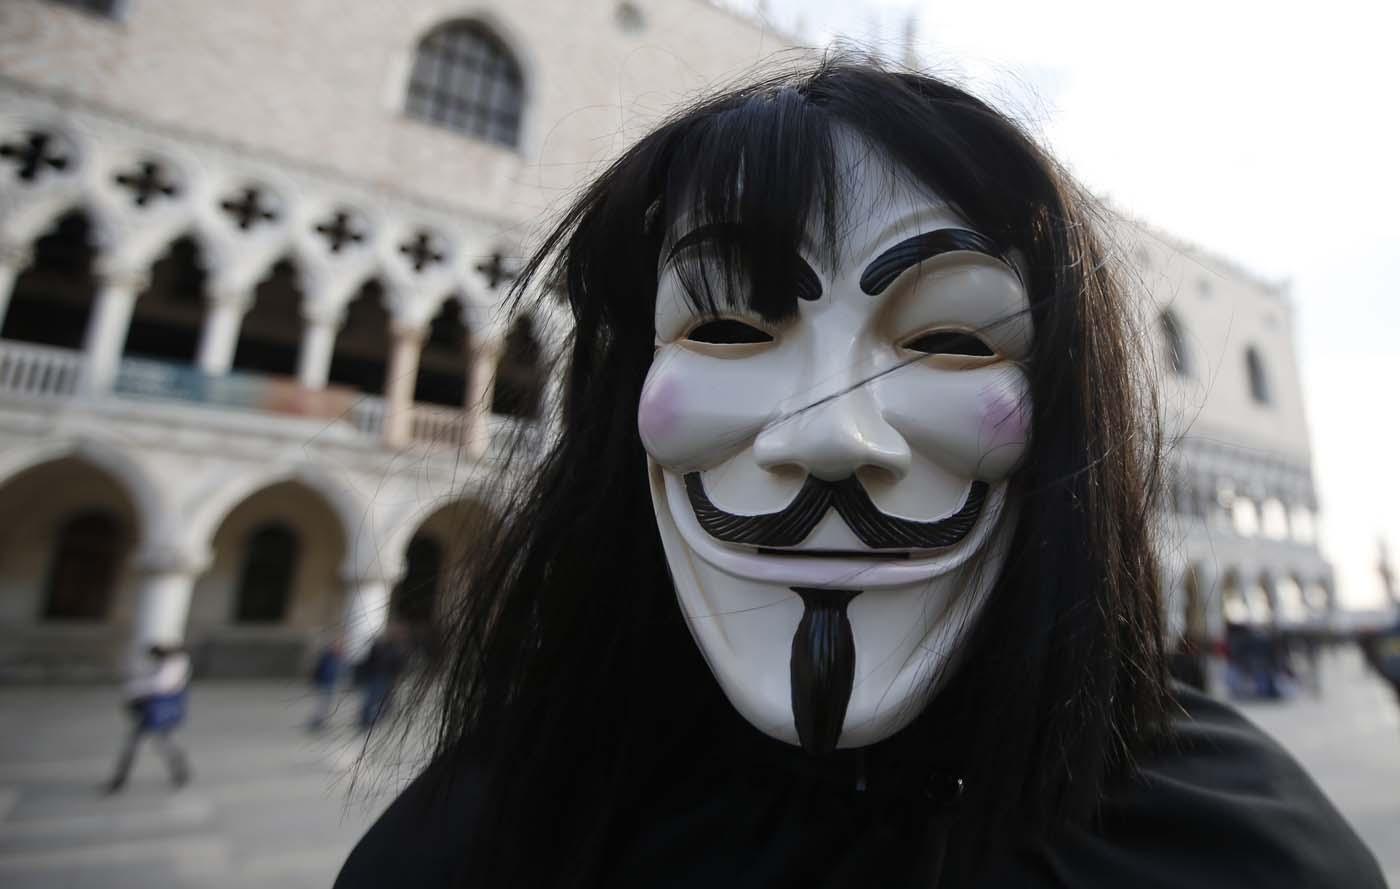 Un hombre con una máscara de Anonymous previo a la gran inauguración del Carnaval en Venecia, Italia, el sábado 23 de 2015. (Foto AP/Luca Bruno)